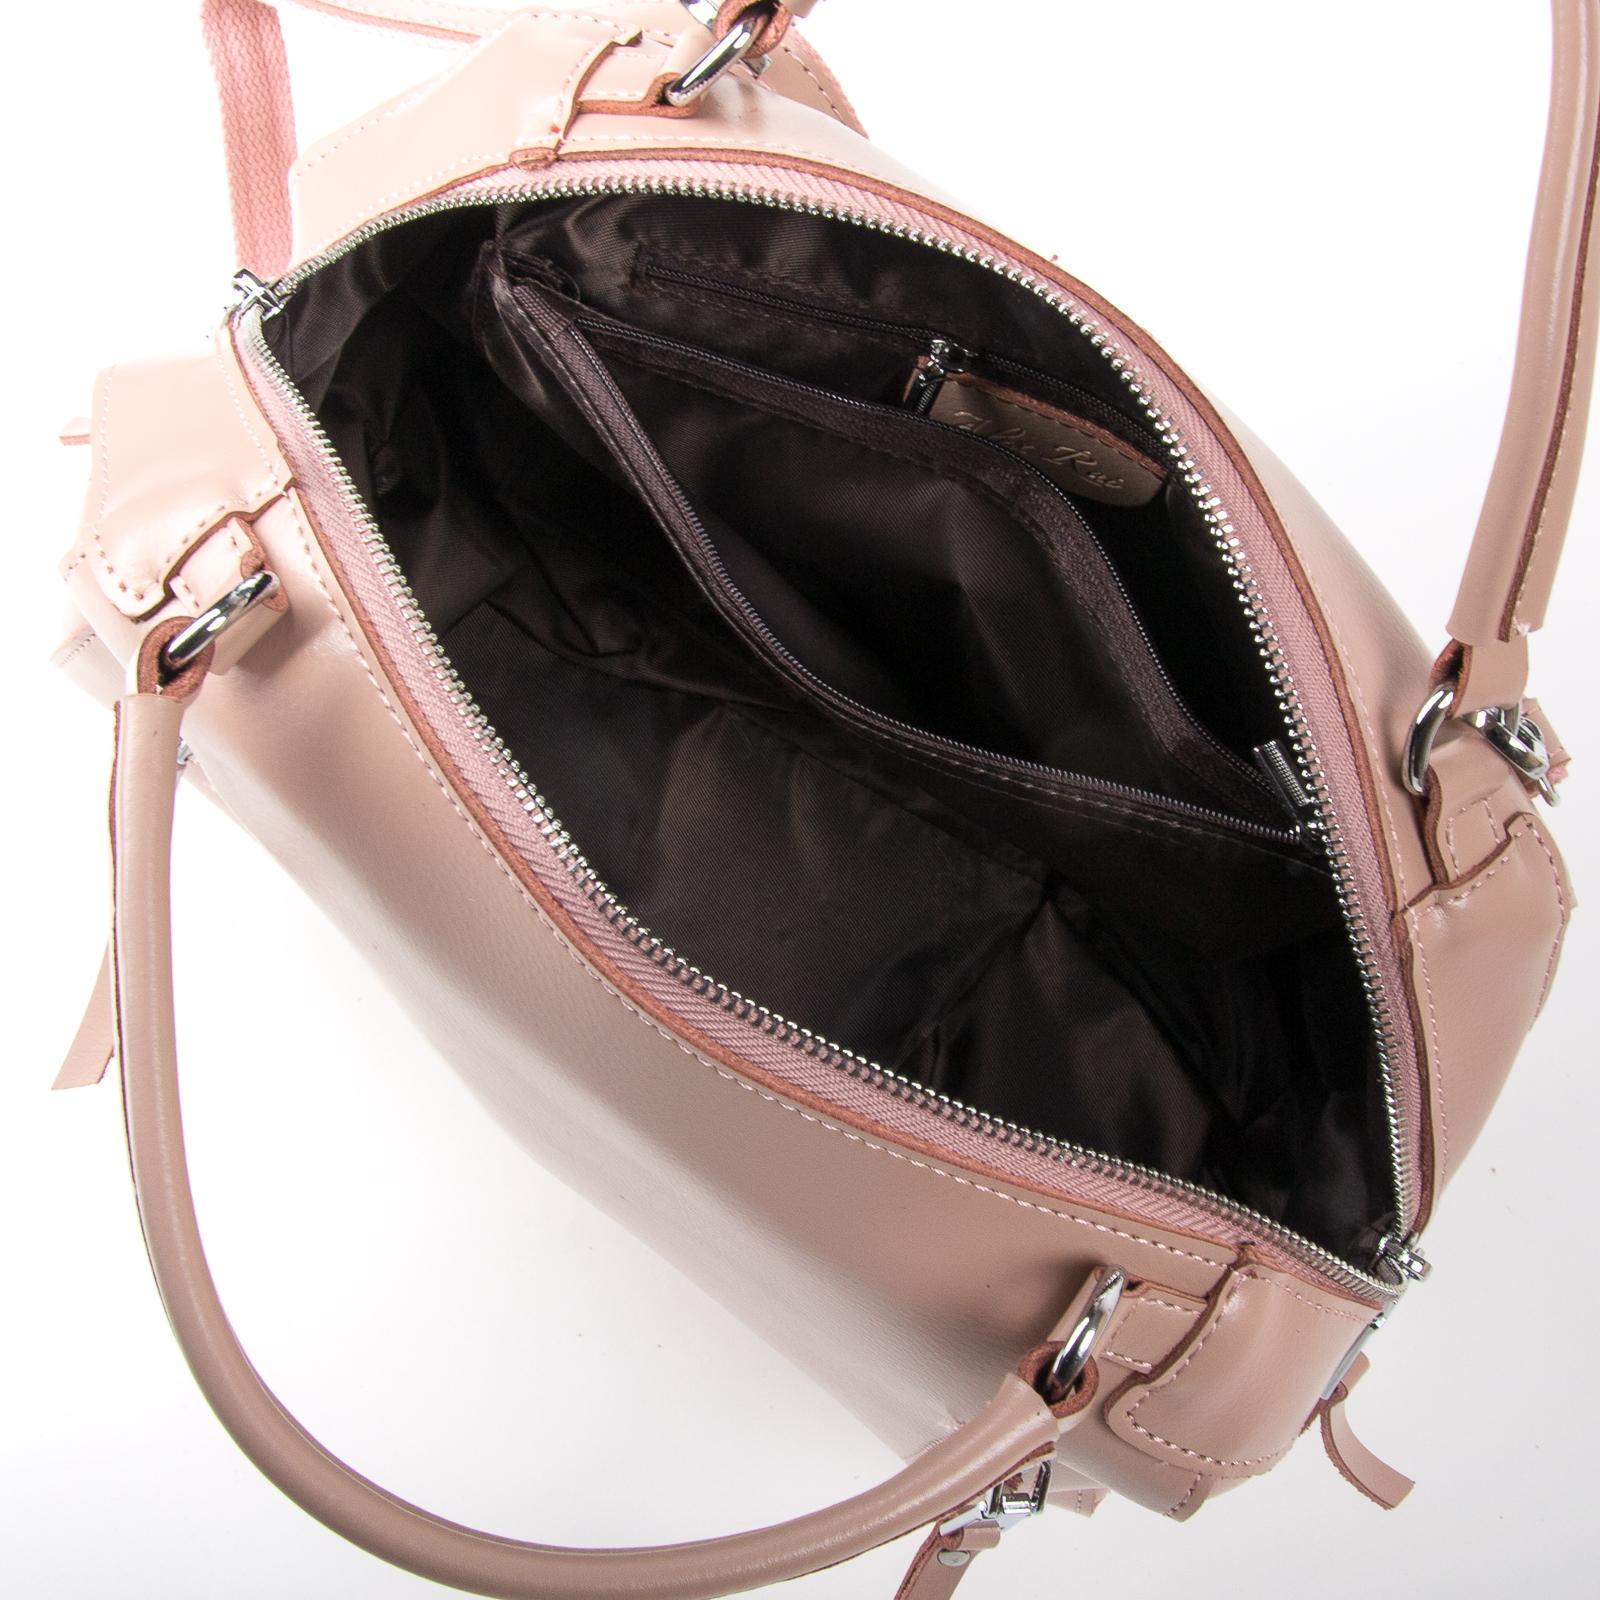 Сумка Женская Классическая кожа ALEX RAI 03-01 8763 pink - фото 5